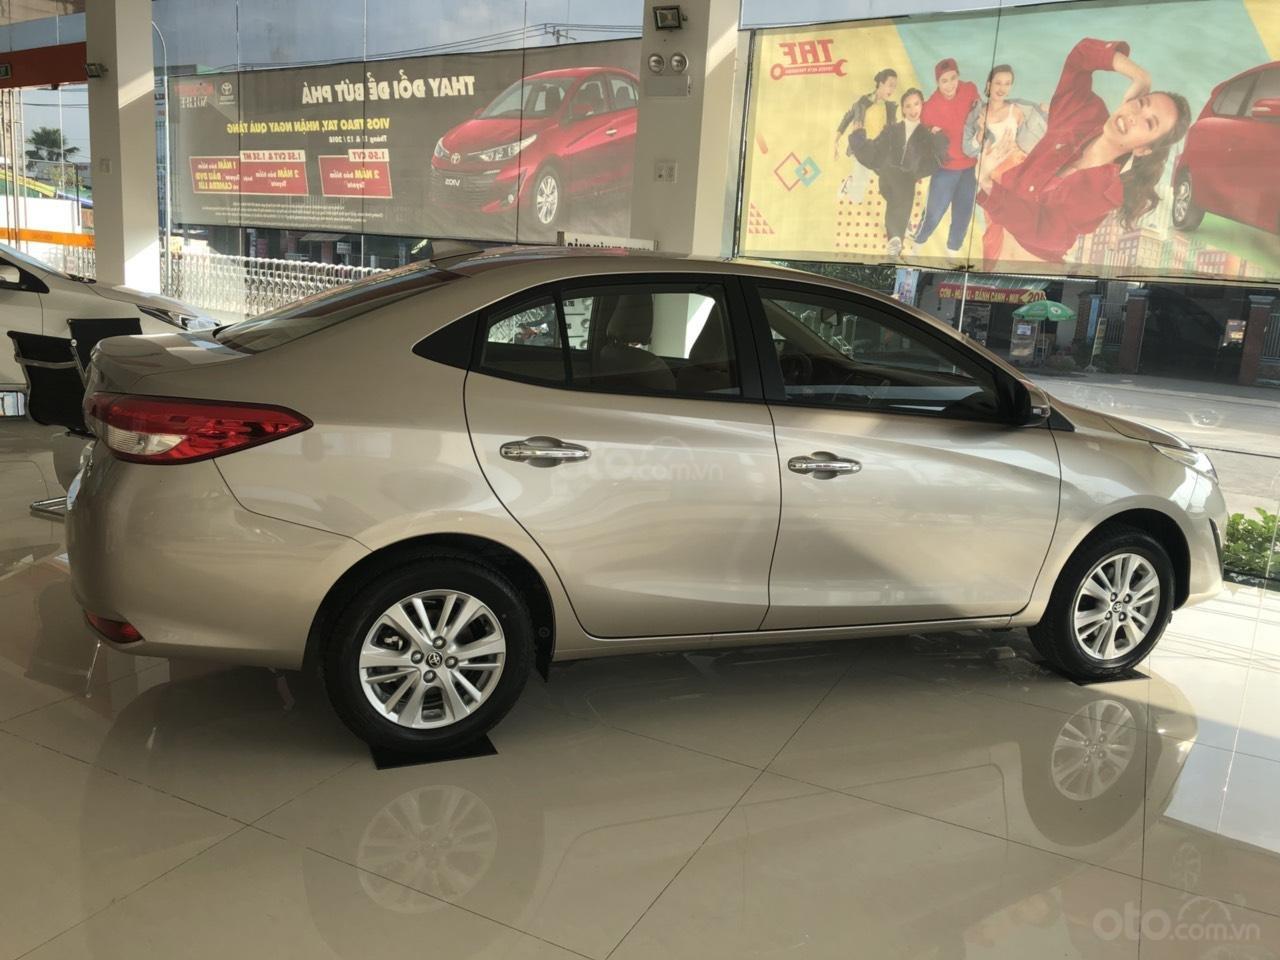 Toyota Vios 1.5G đời 2020, giá tốt - tặng 1 năm bảo hiểm thân xe (2)